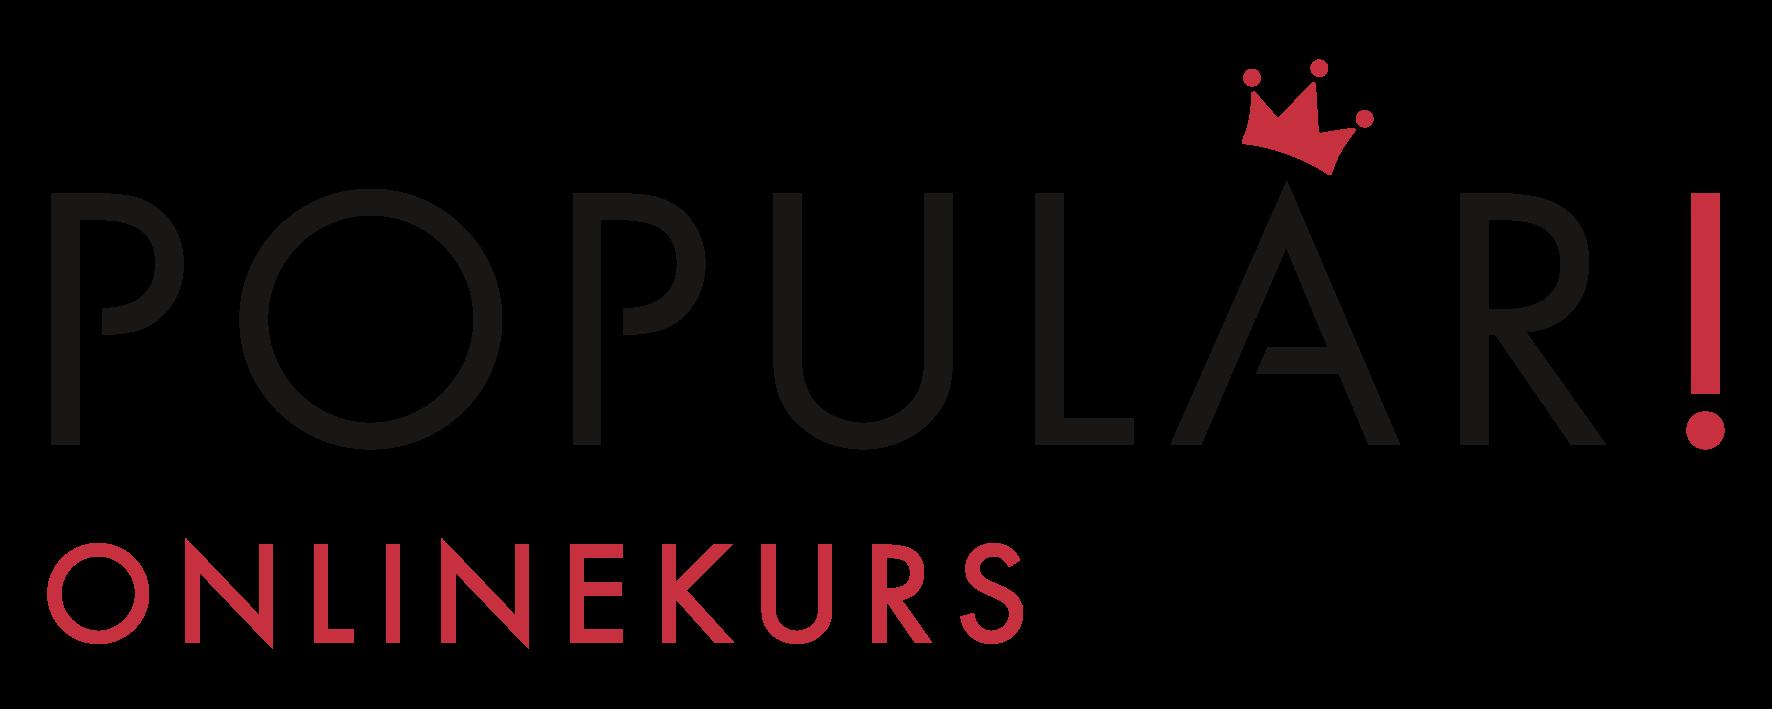 Logo_Populär_OK_RZ.png